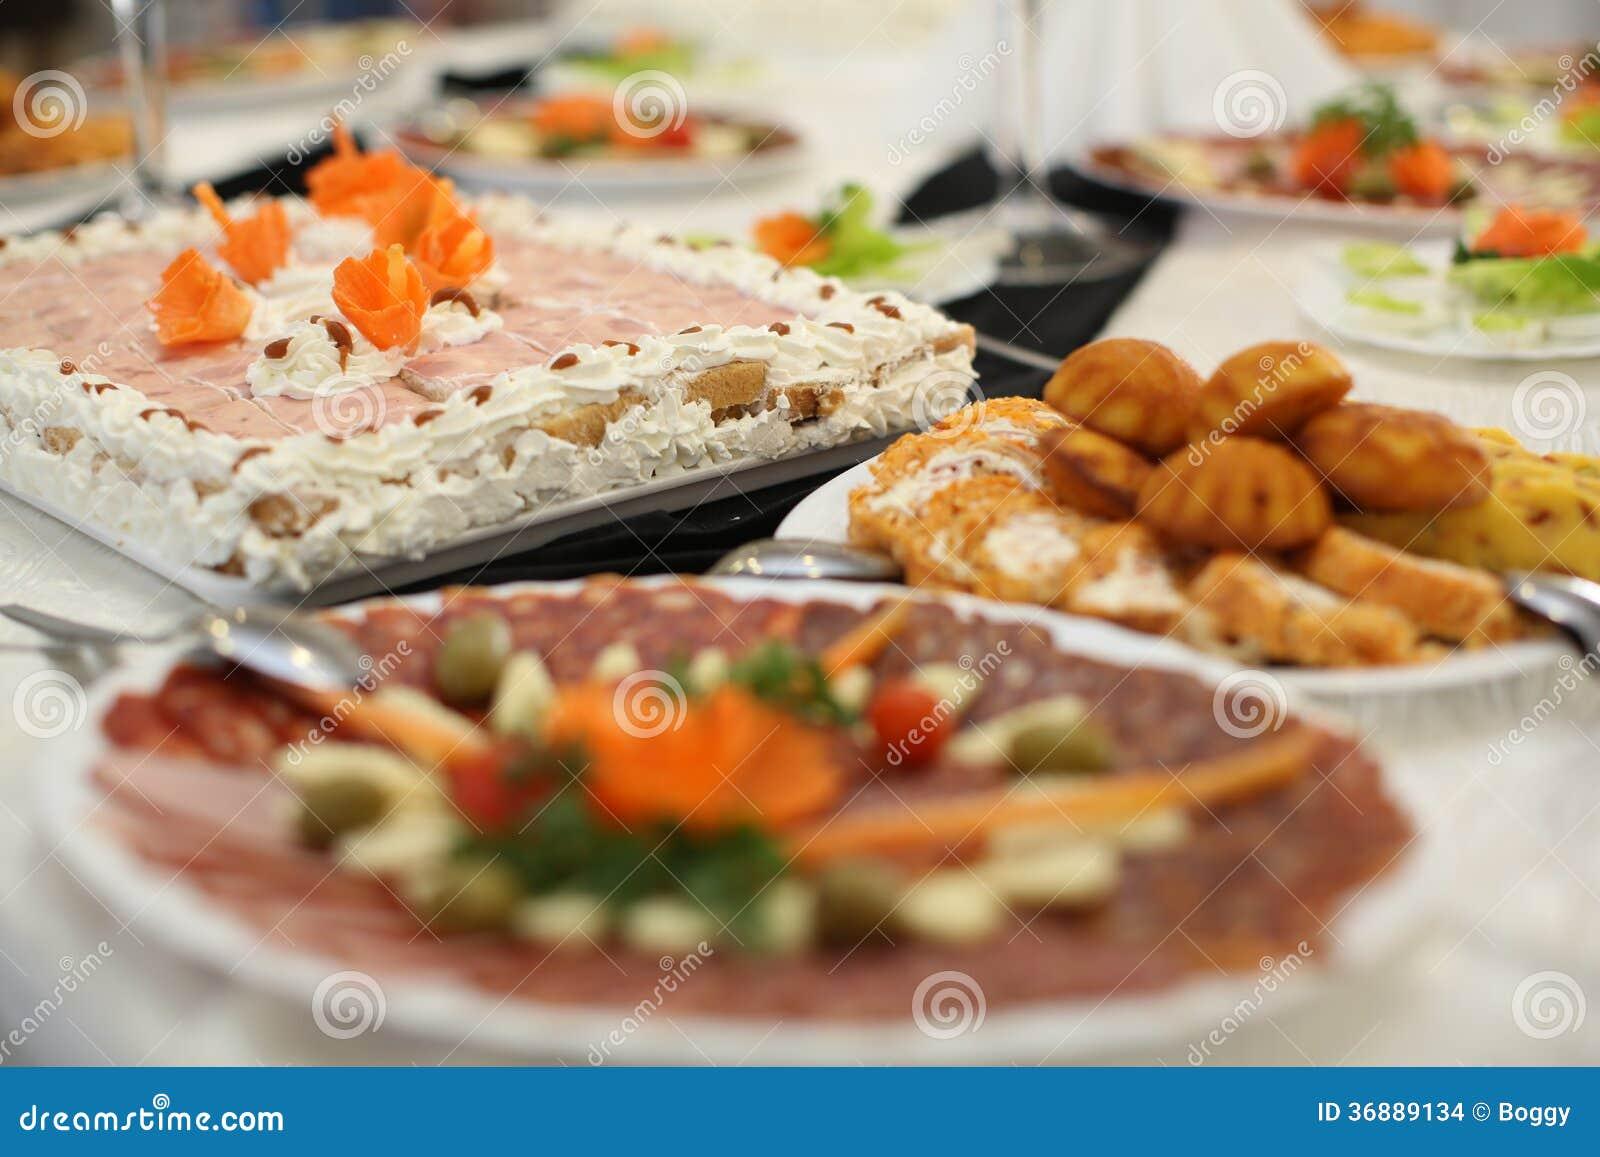 Download Alimento sulla tavola fotografia stock. Immagine di dishware - 36889134